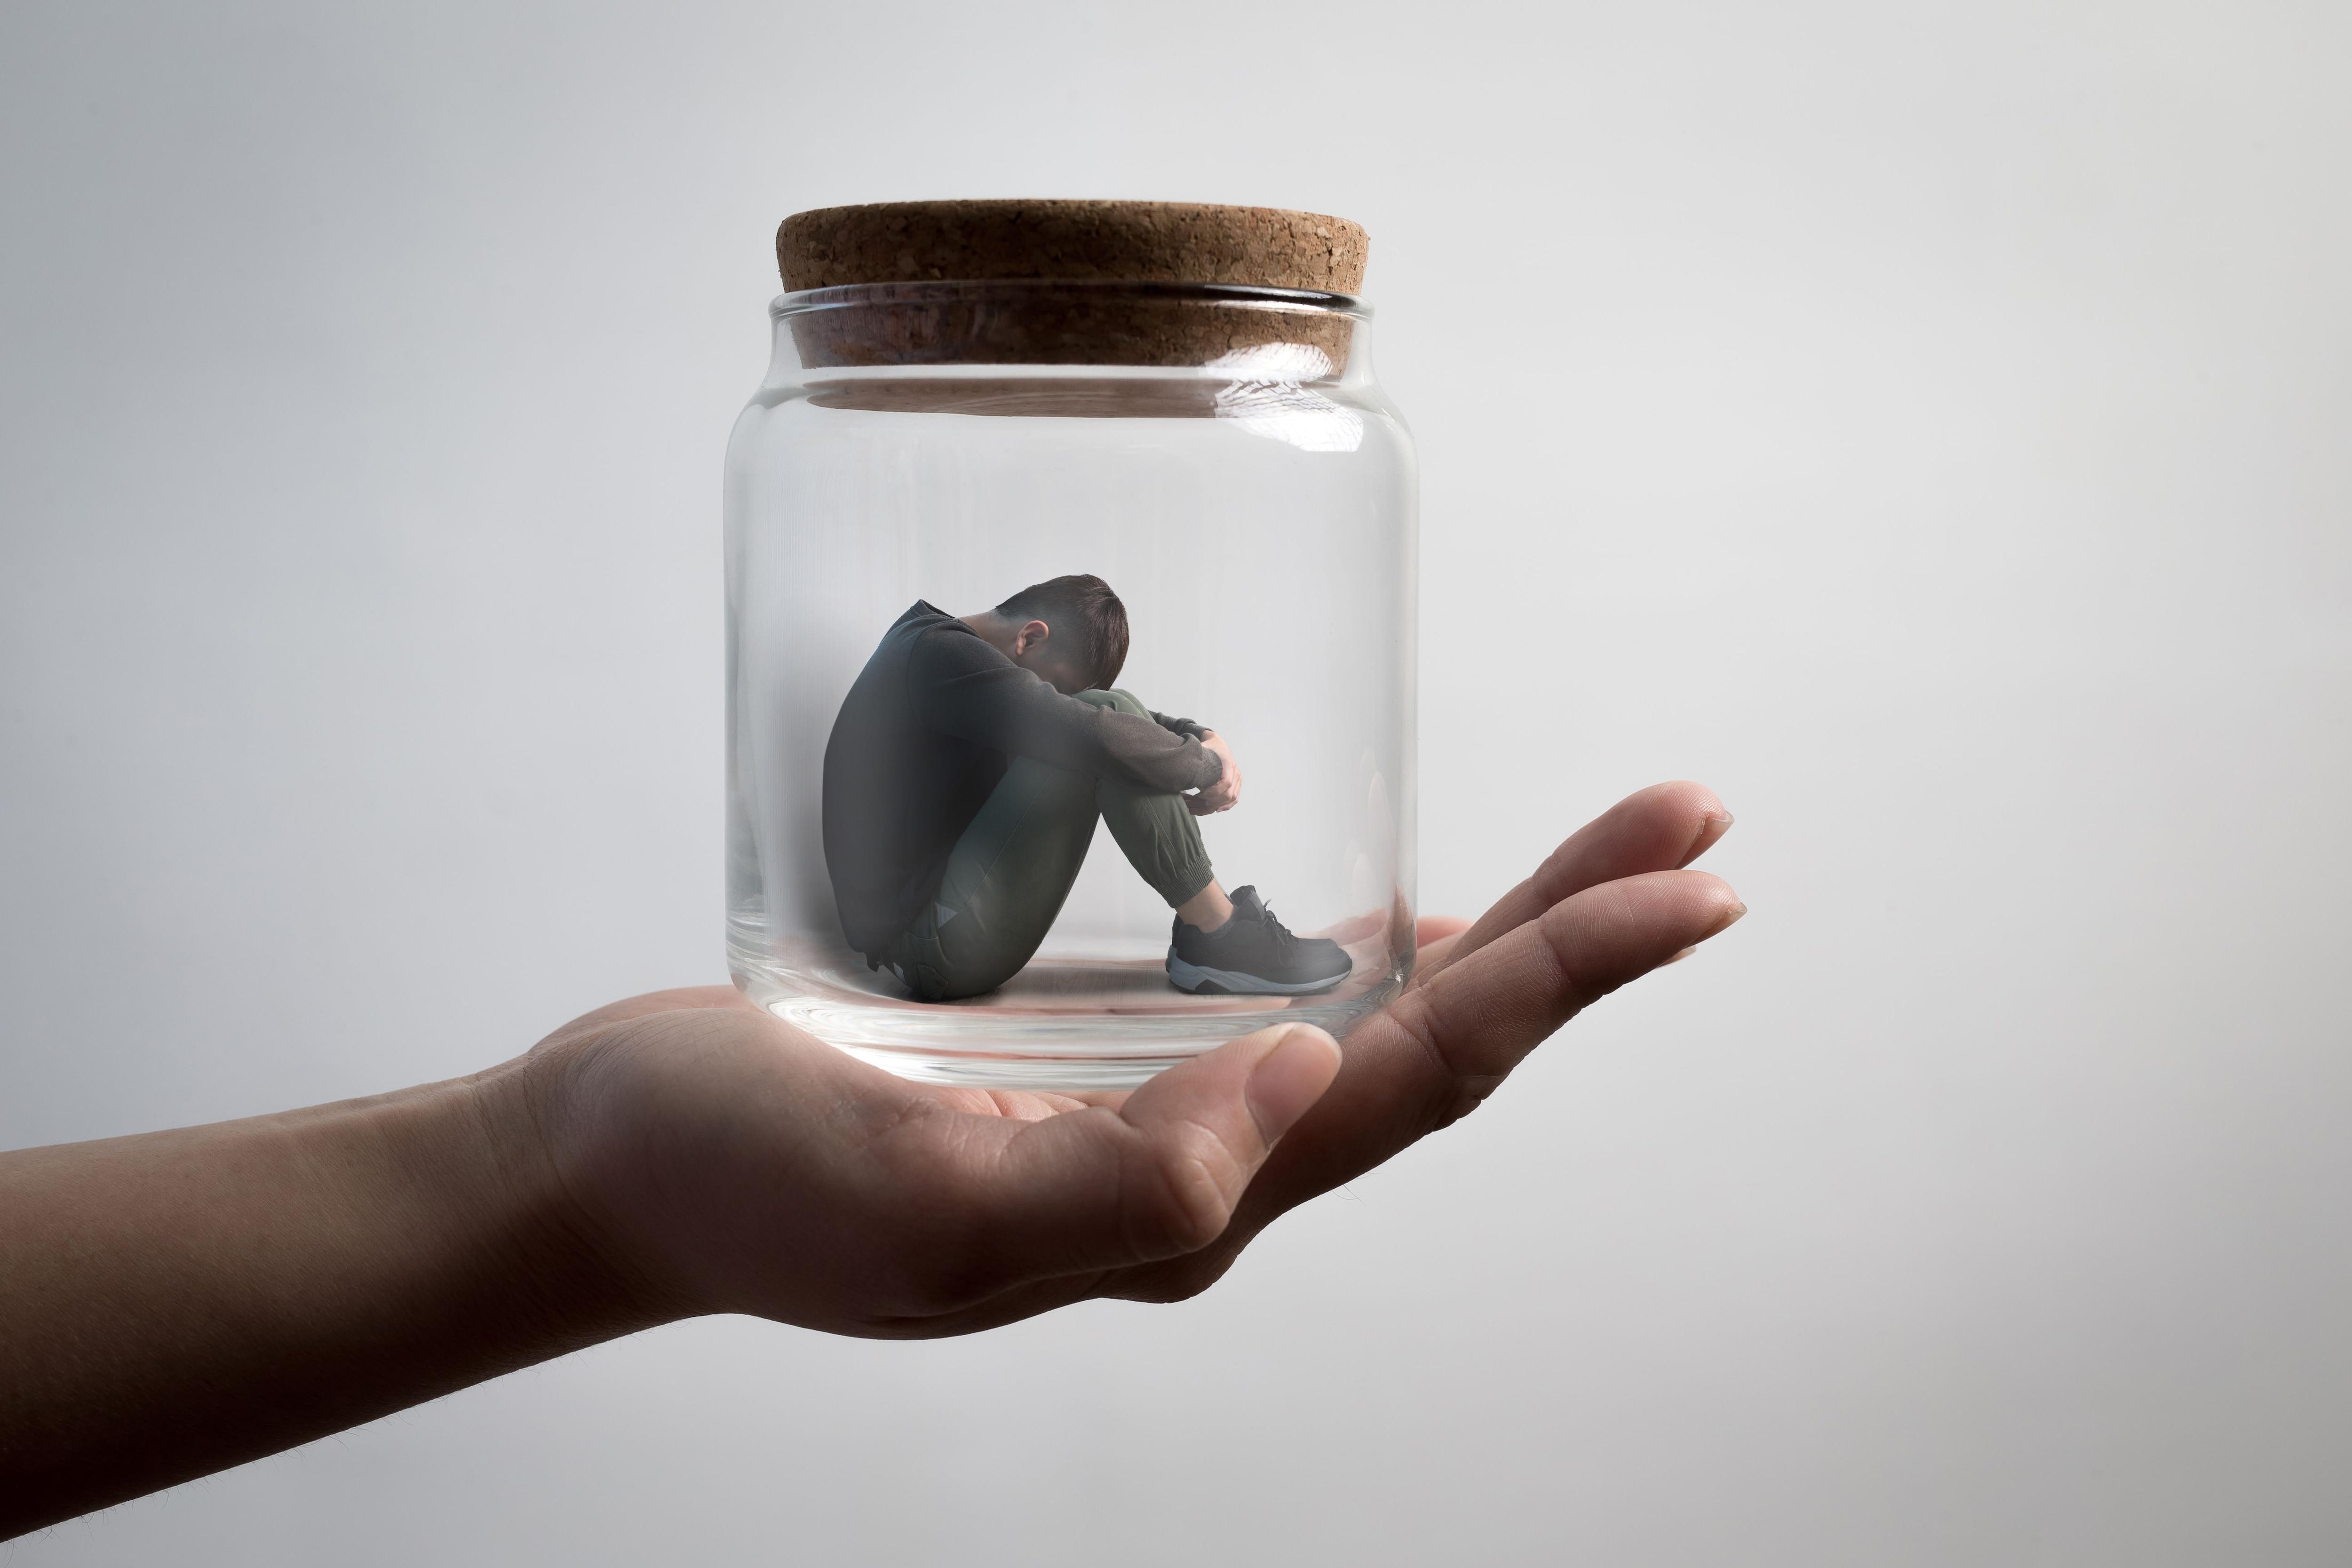 El primer paso es buscar ayuda de un profesional en salud mental para tener un diagnóstico (Shutterstock)